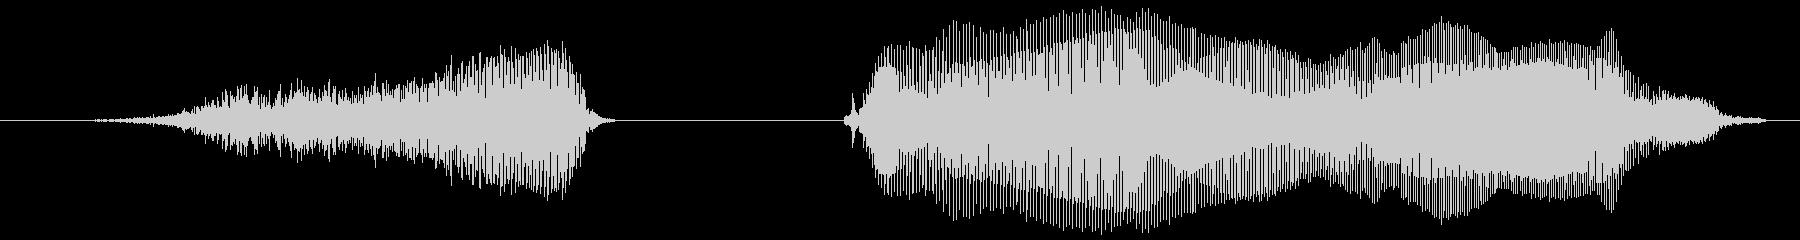 すっごーい!1【ロリキャラの褒めボイス】の未再生の波形